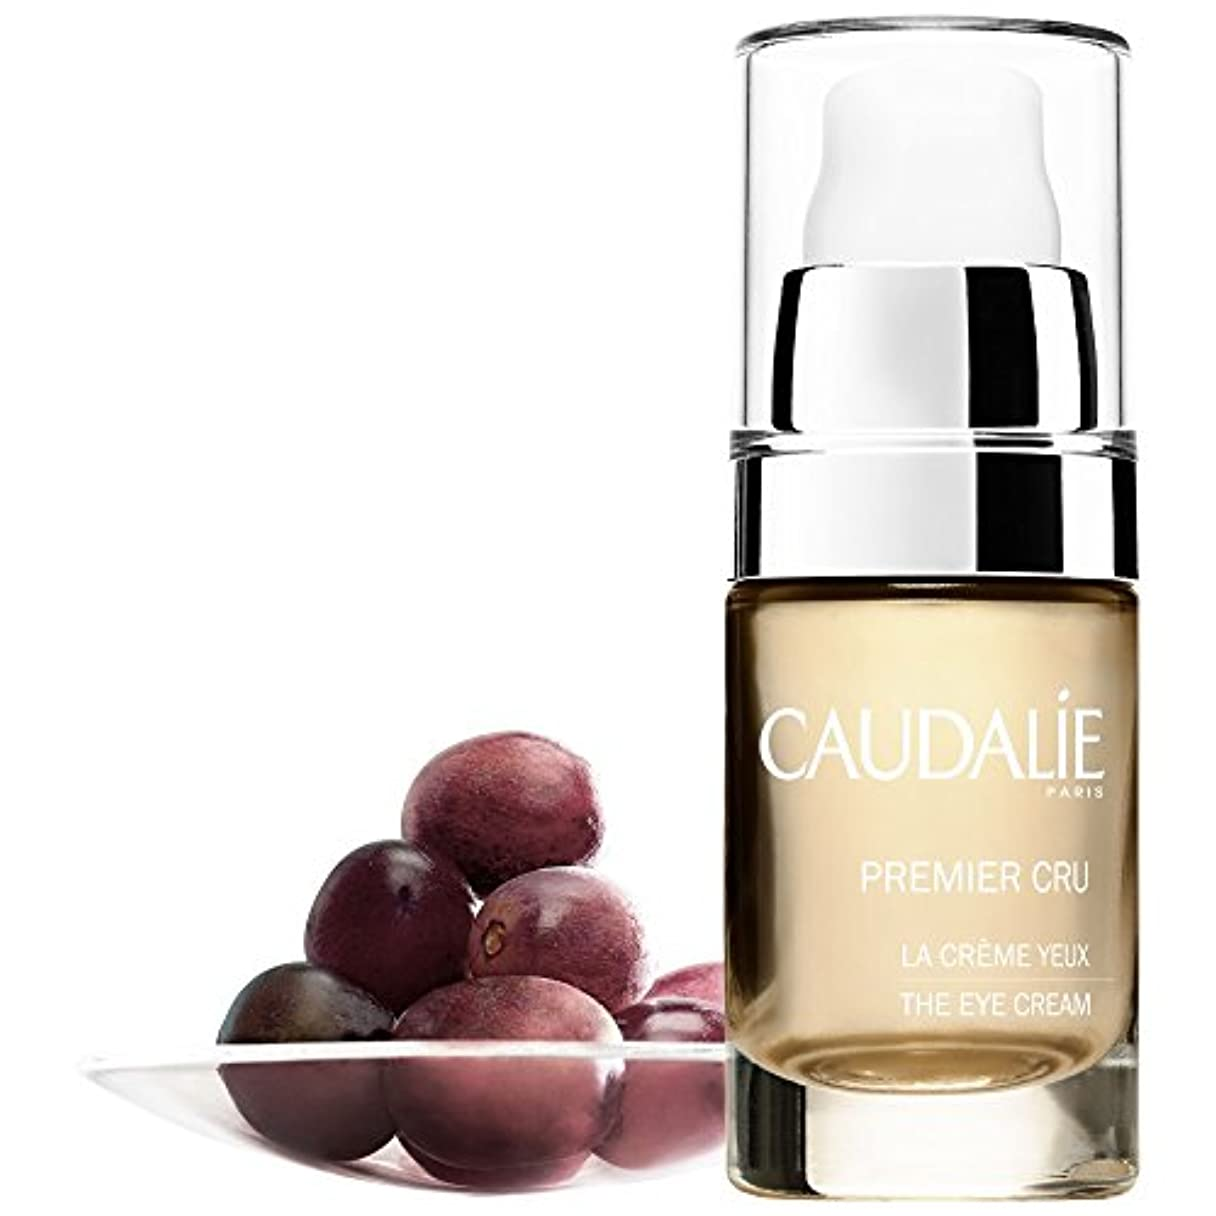 破壊するタオル新しさCaudialieプレミアは、アイクリーム15ミリリットルをCru (Caudalie) (x2) - Caudialie Premier Cru The Eye Cream 15ml (Pack of 2) [並行輸入品]